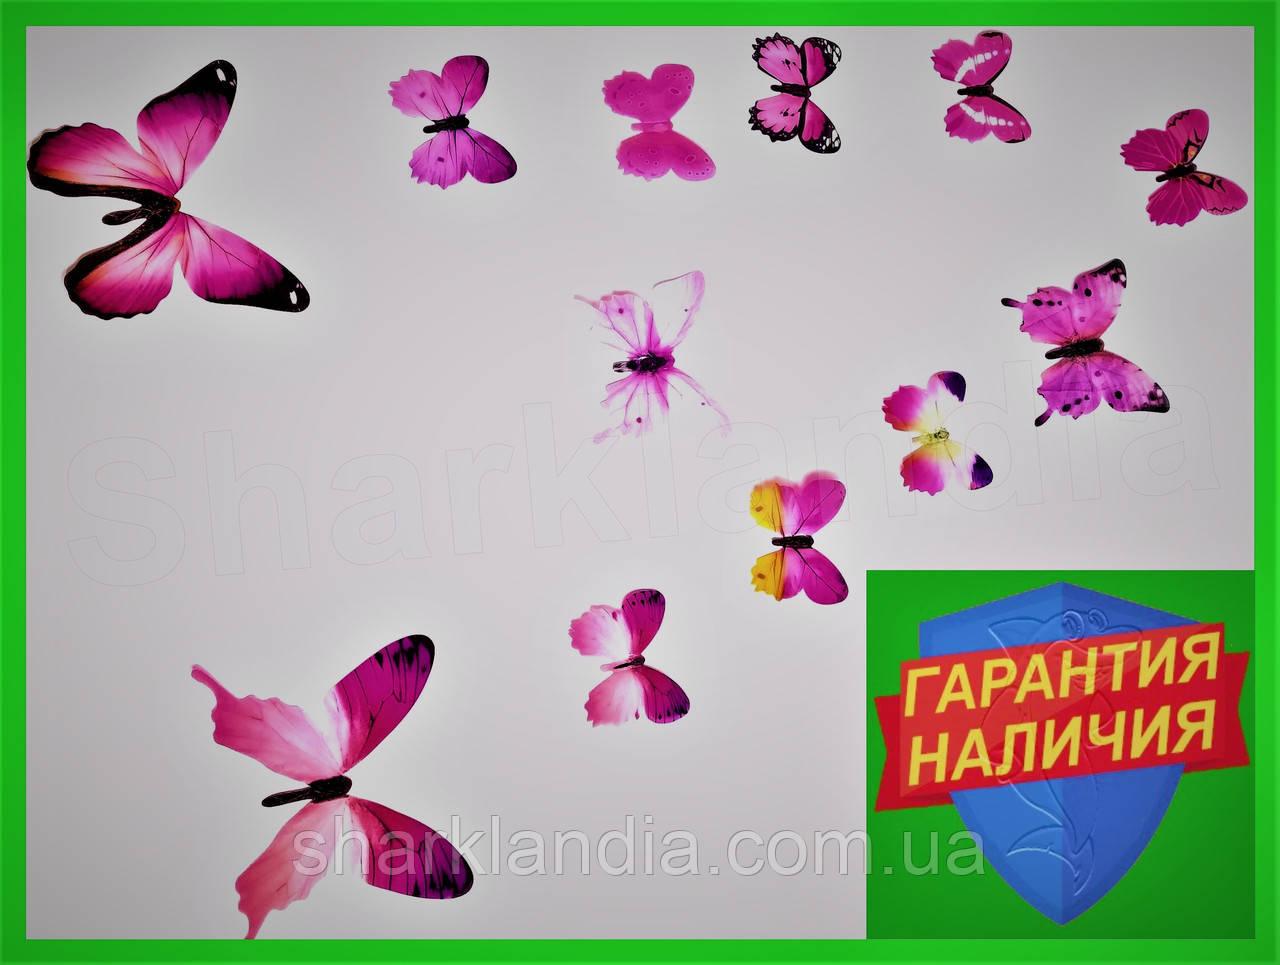 Набор 12 шт.упак. бабочки фиолетовые для декора интерьерные наклейки в детскую комнату подарок метелики